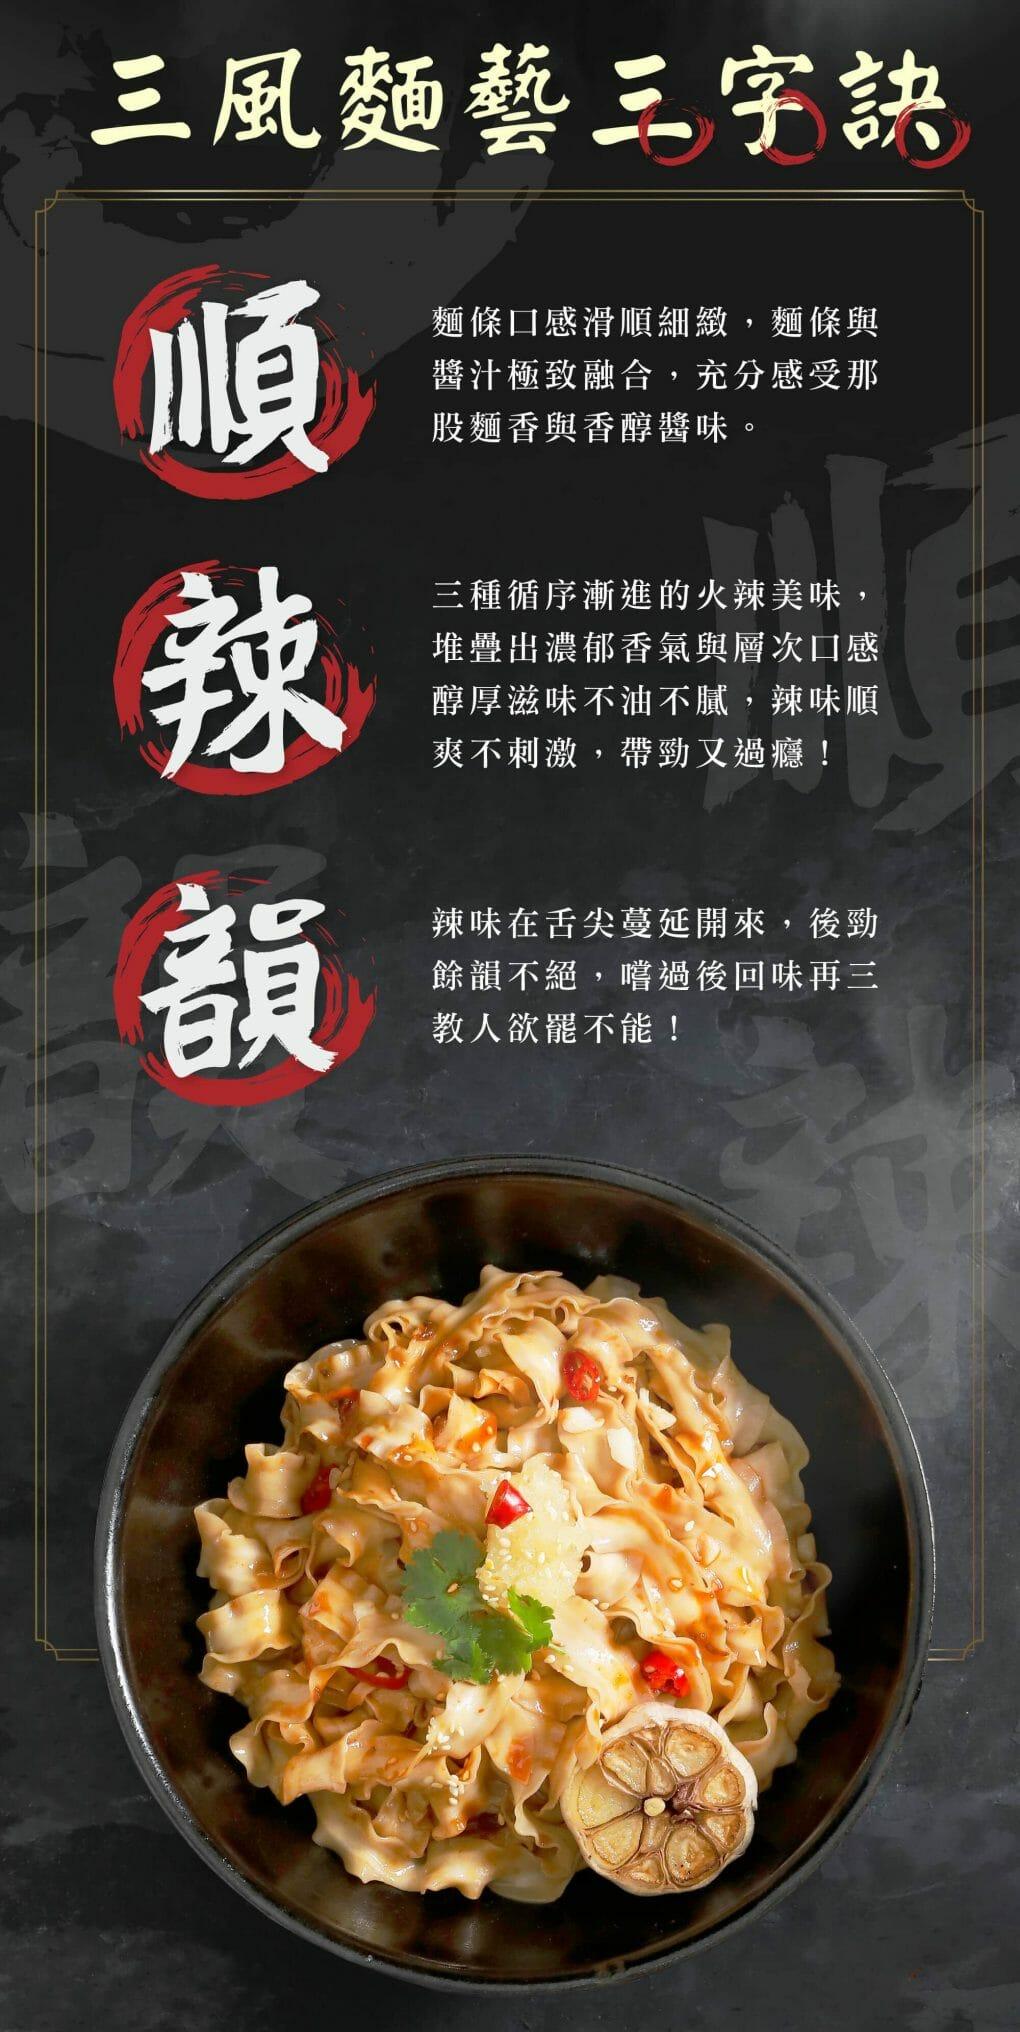 波浪寬拌麵(香蒜黃金椒) - 8